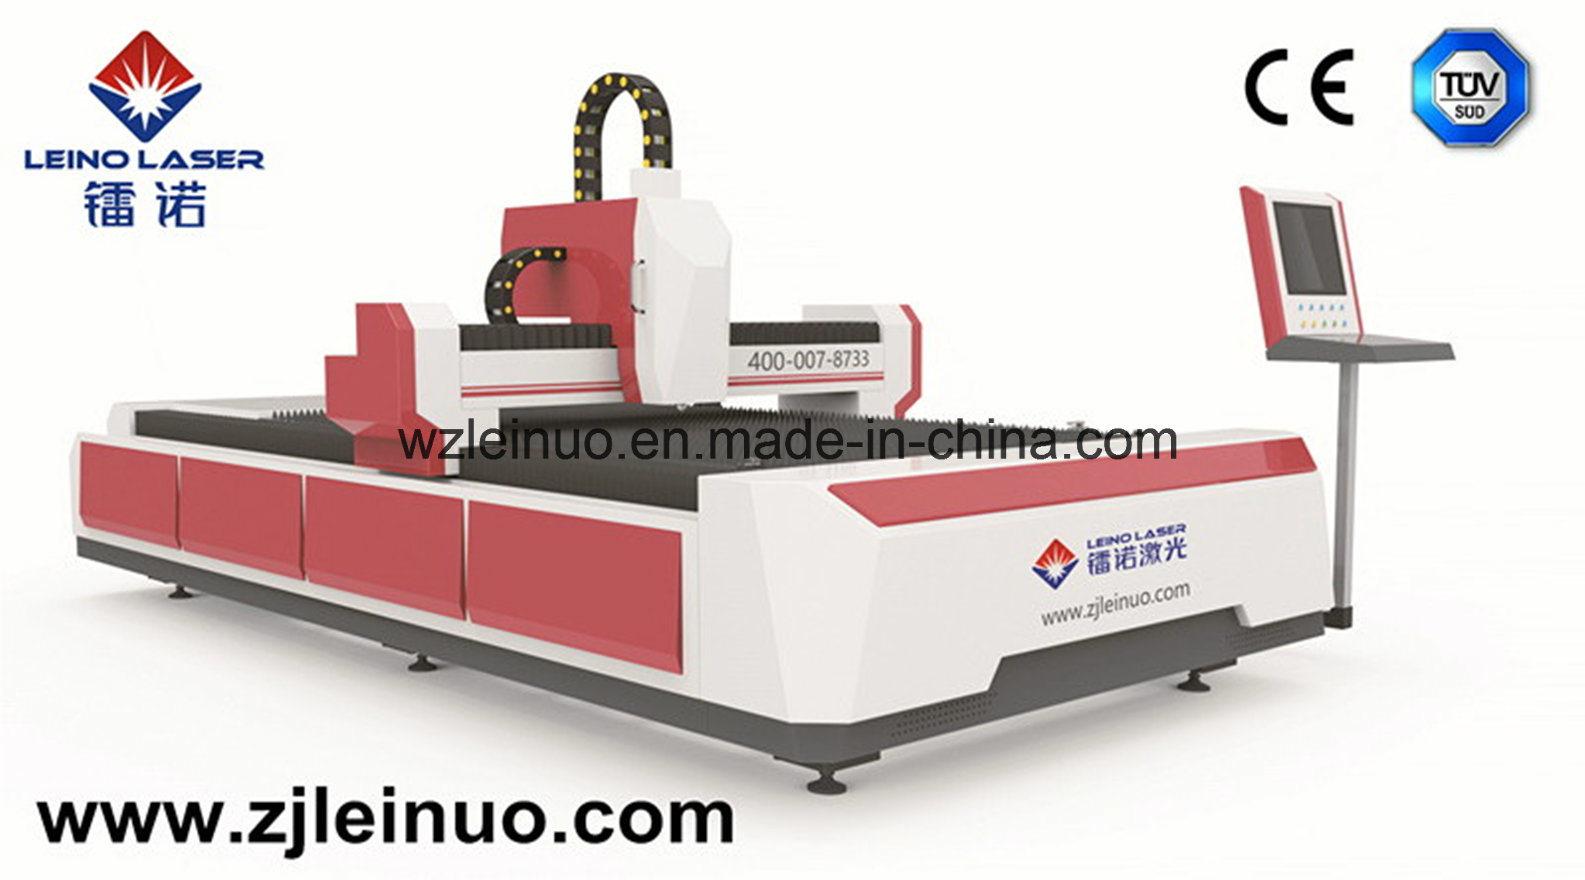 500W CNC High Speed Open-Type Fiber Laser Cutter for Metal